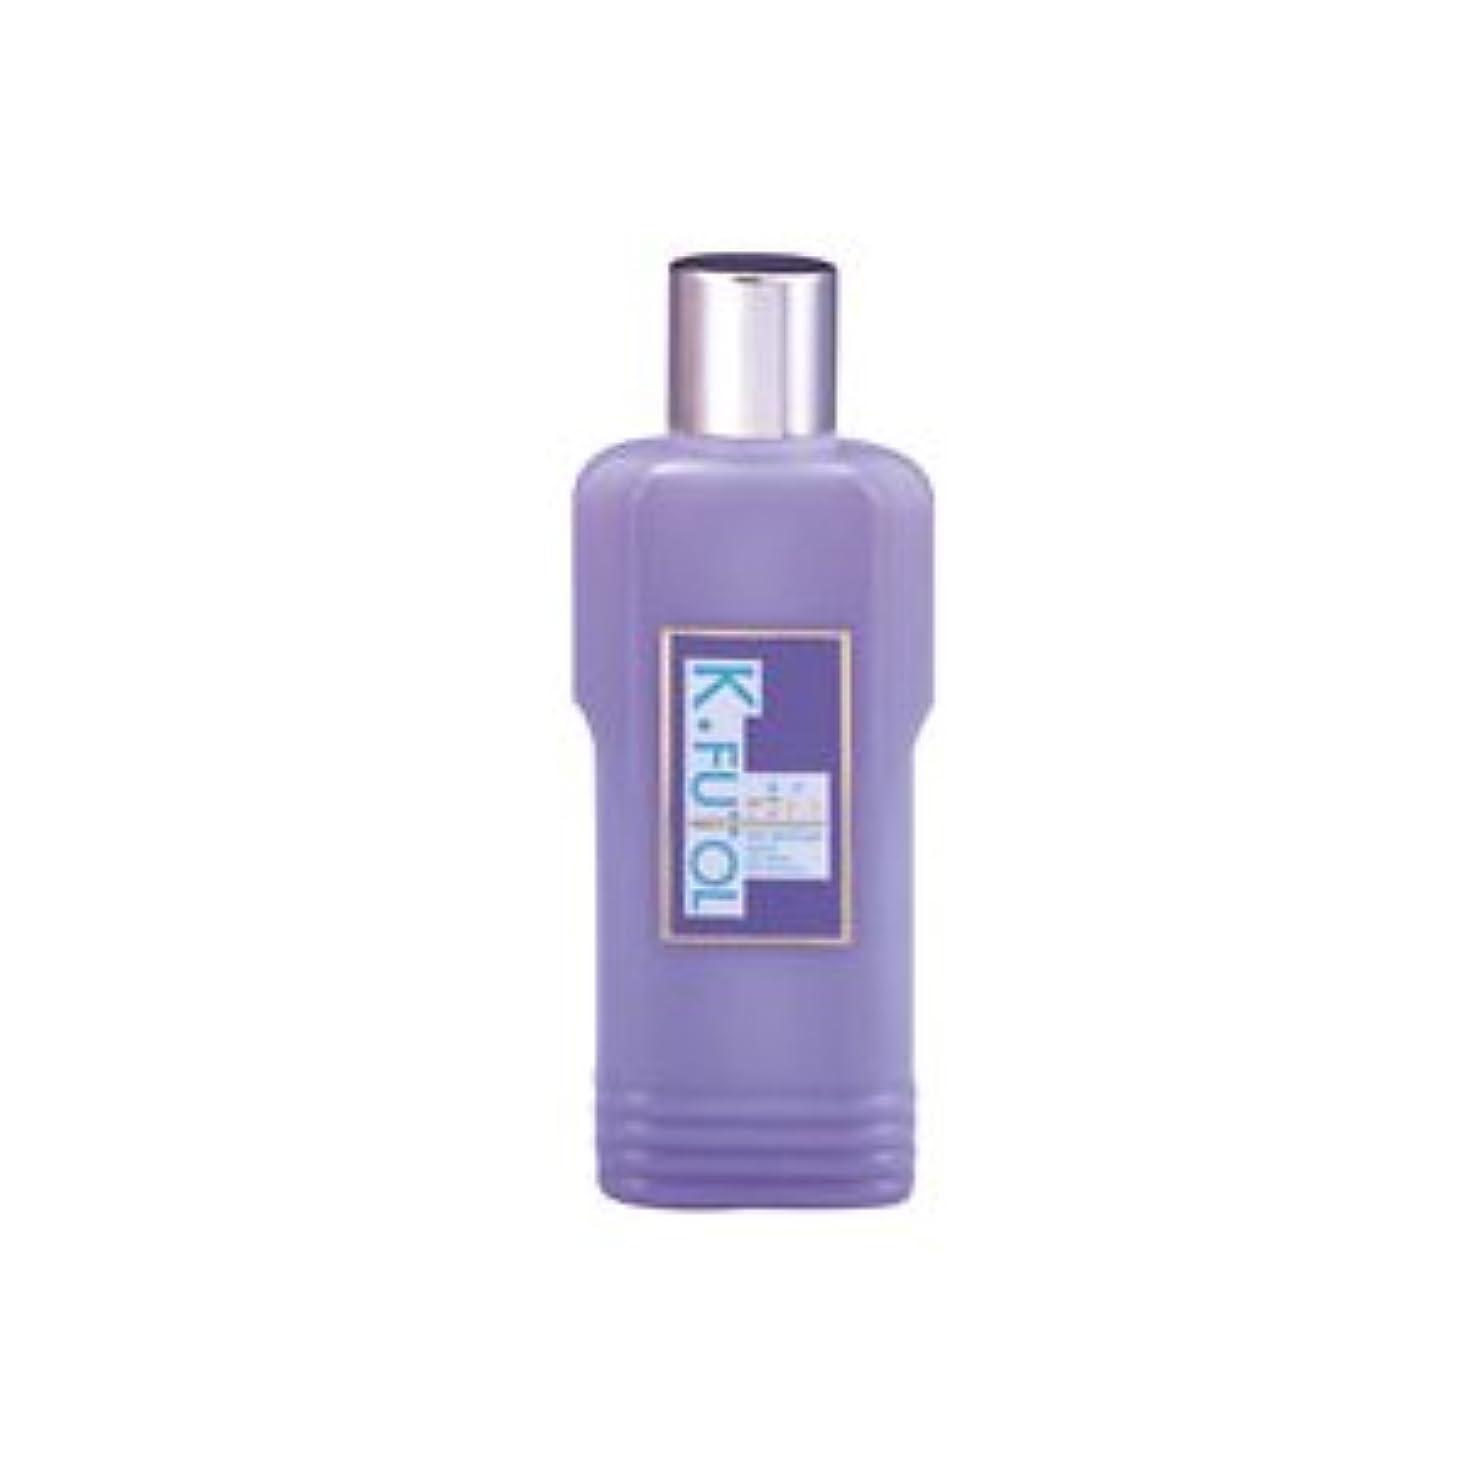 面積エキサイティングストレス育毛剤 ケフトル ヘアーローション 3ヶ月徳用 (180ml) 医薬部外品